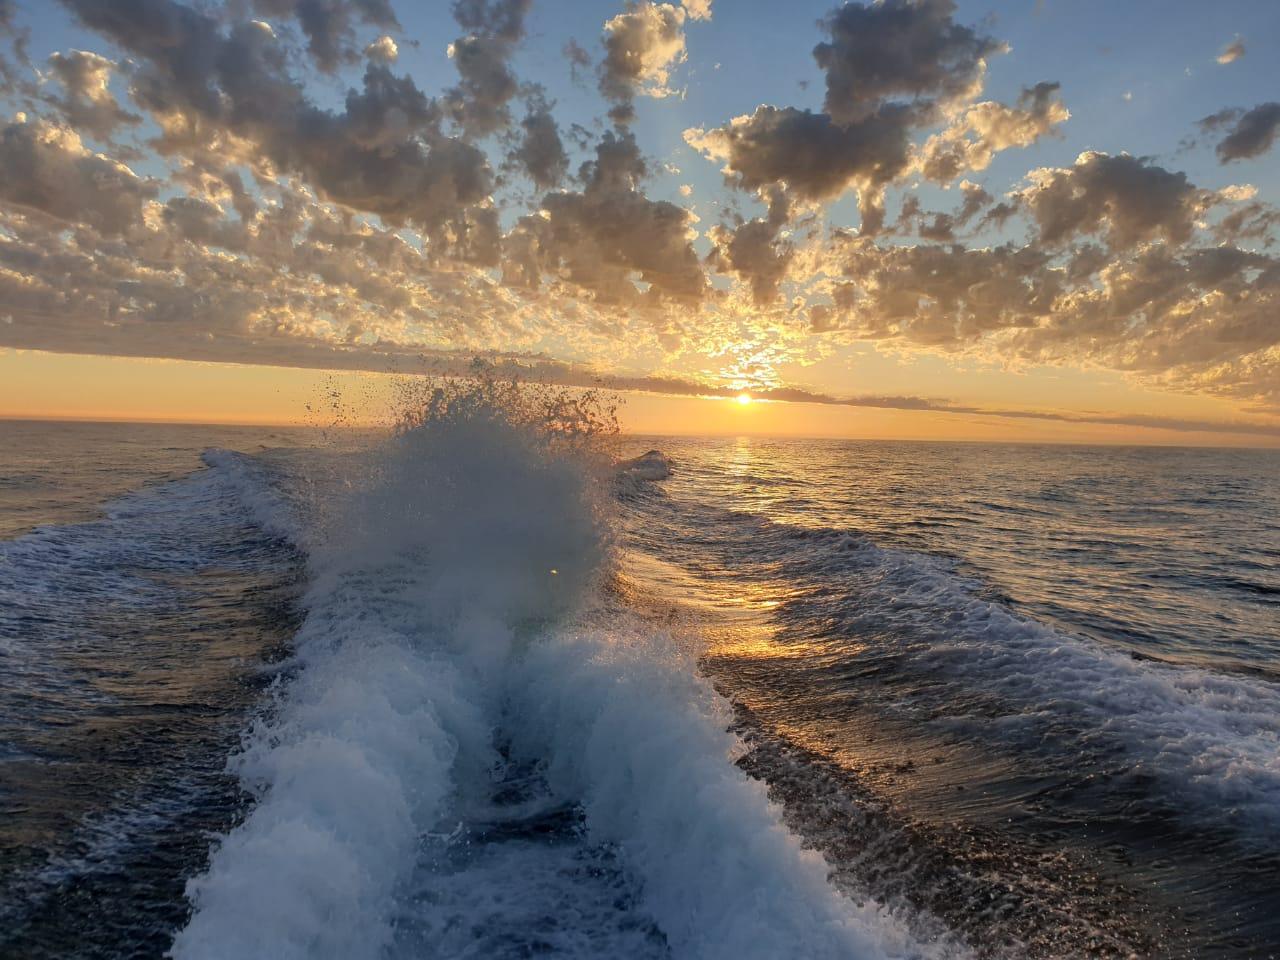 tuna fishing charters cape town 1